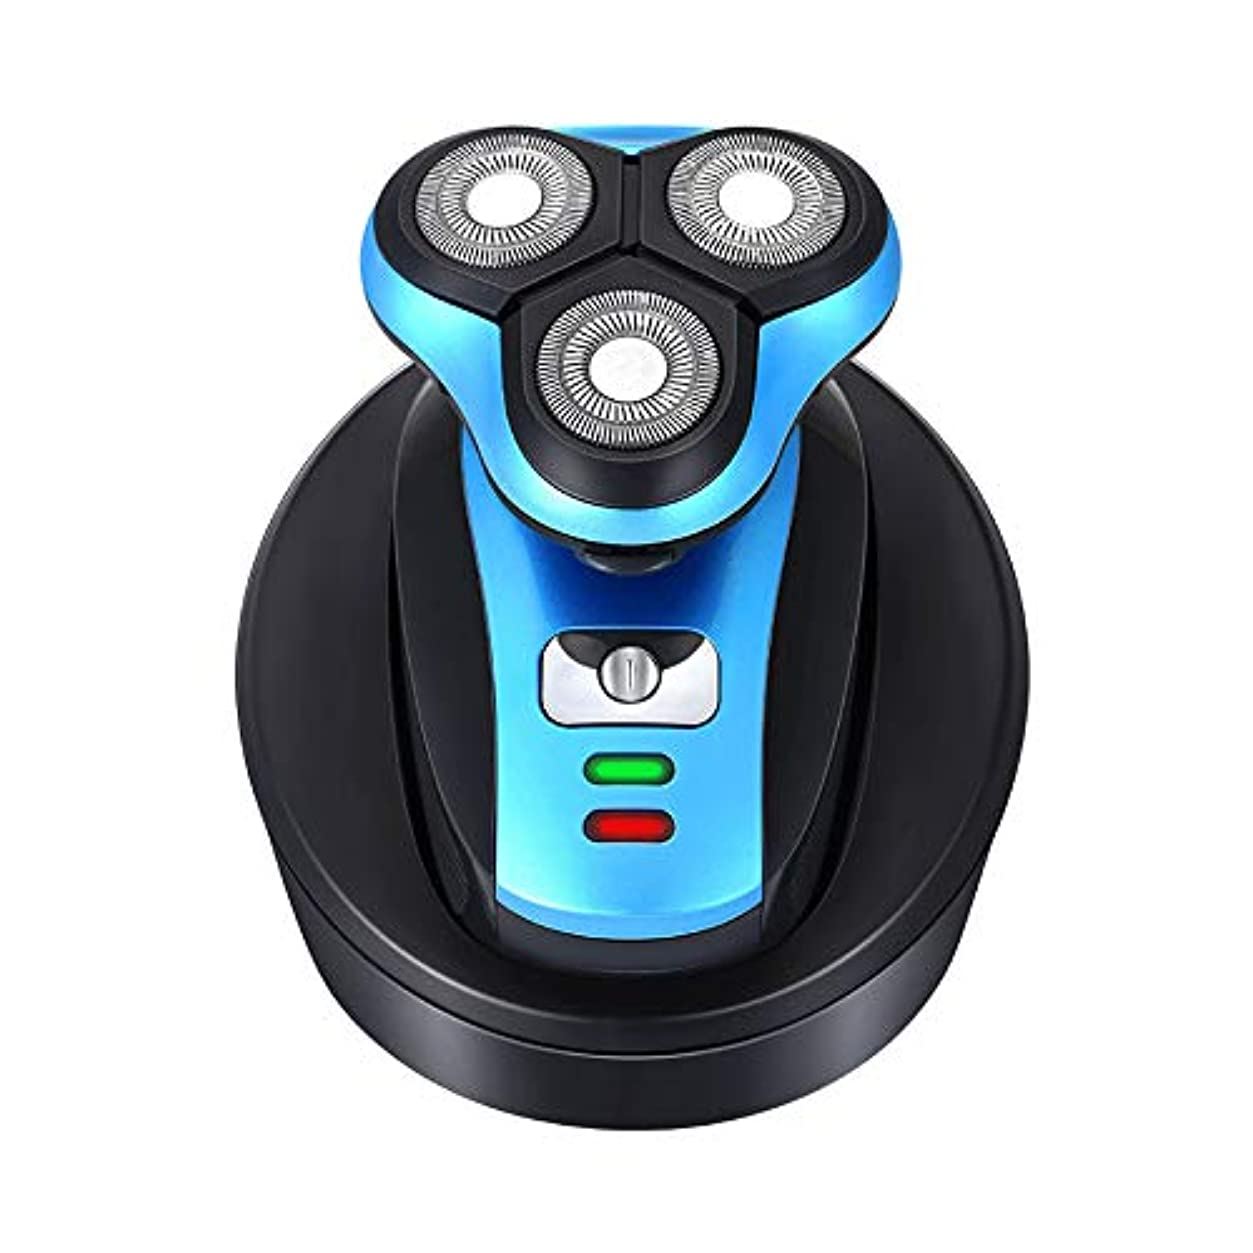 未接続システム可動式3D回転およびフローティングヘッド、ウェット&ドライテクノロジーを備えた男性用電気シェーバーは、フェイシャルケア用の防水ヒゲトリマー